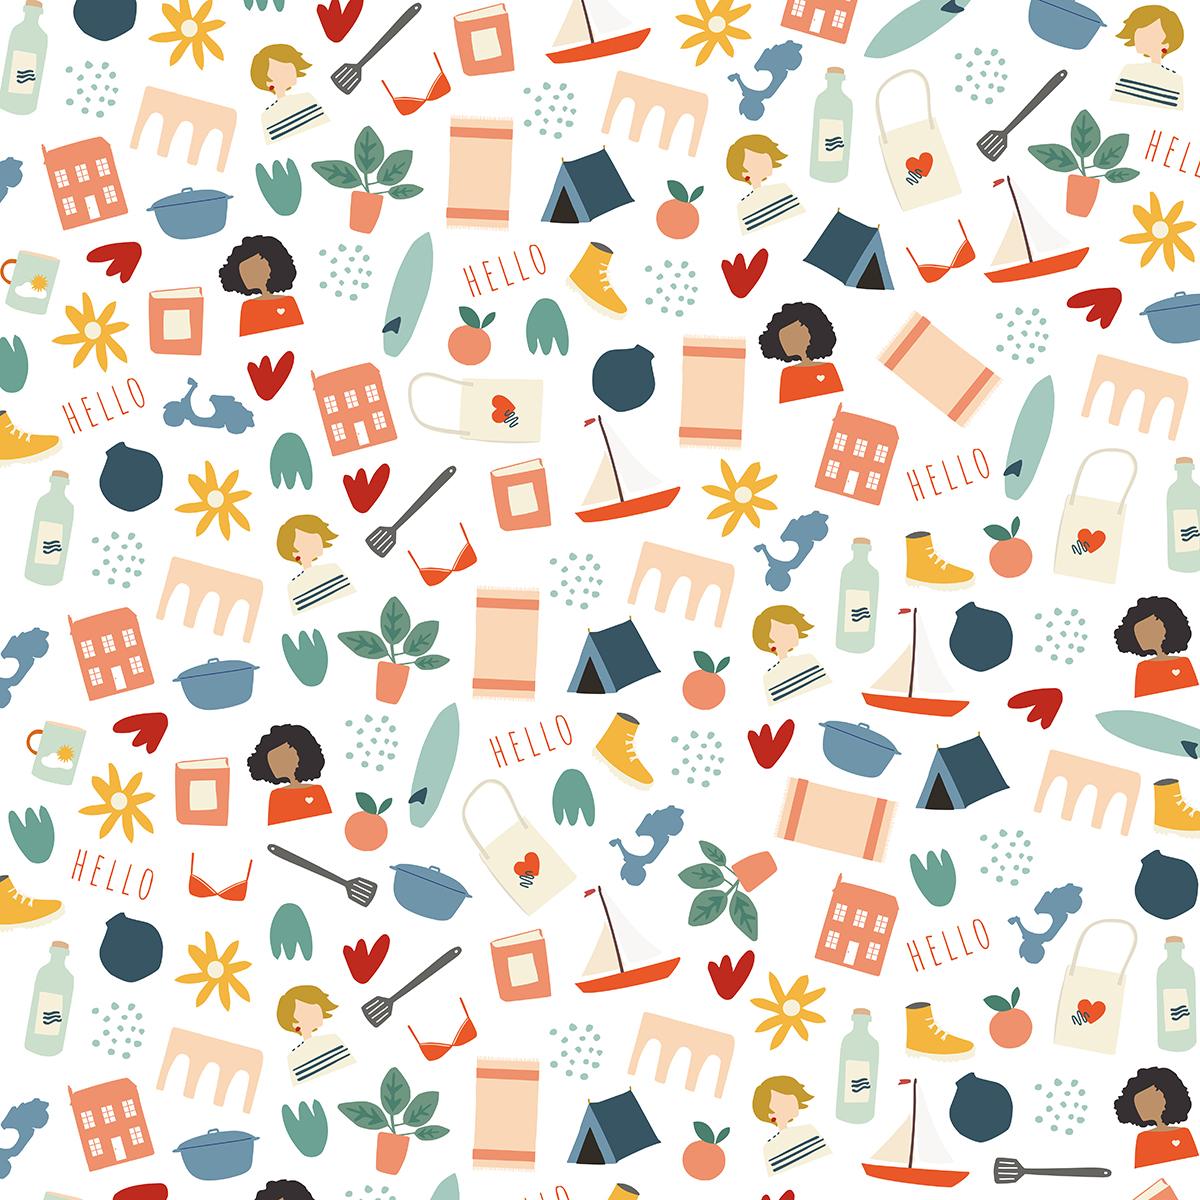 Un des motifs du projet Petites Nantaises, maison, chaussures de rando, livre, accessoire de cuisine, etc...